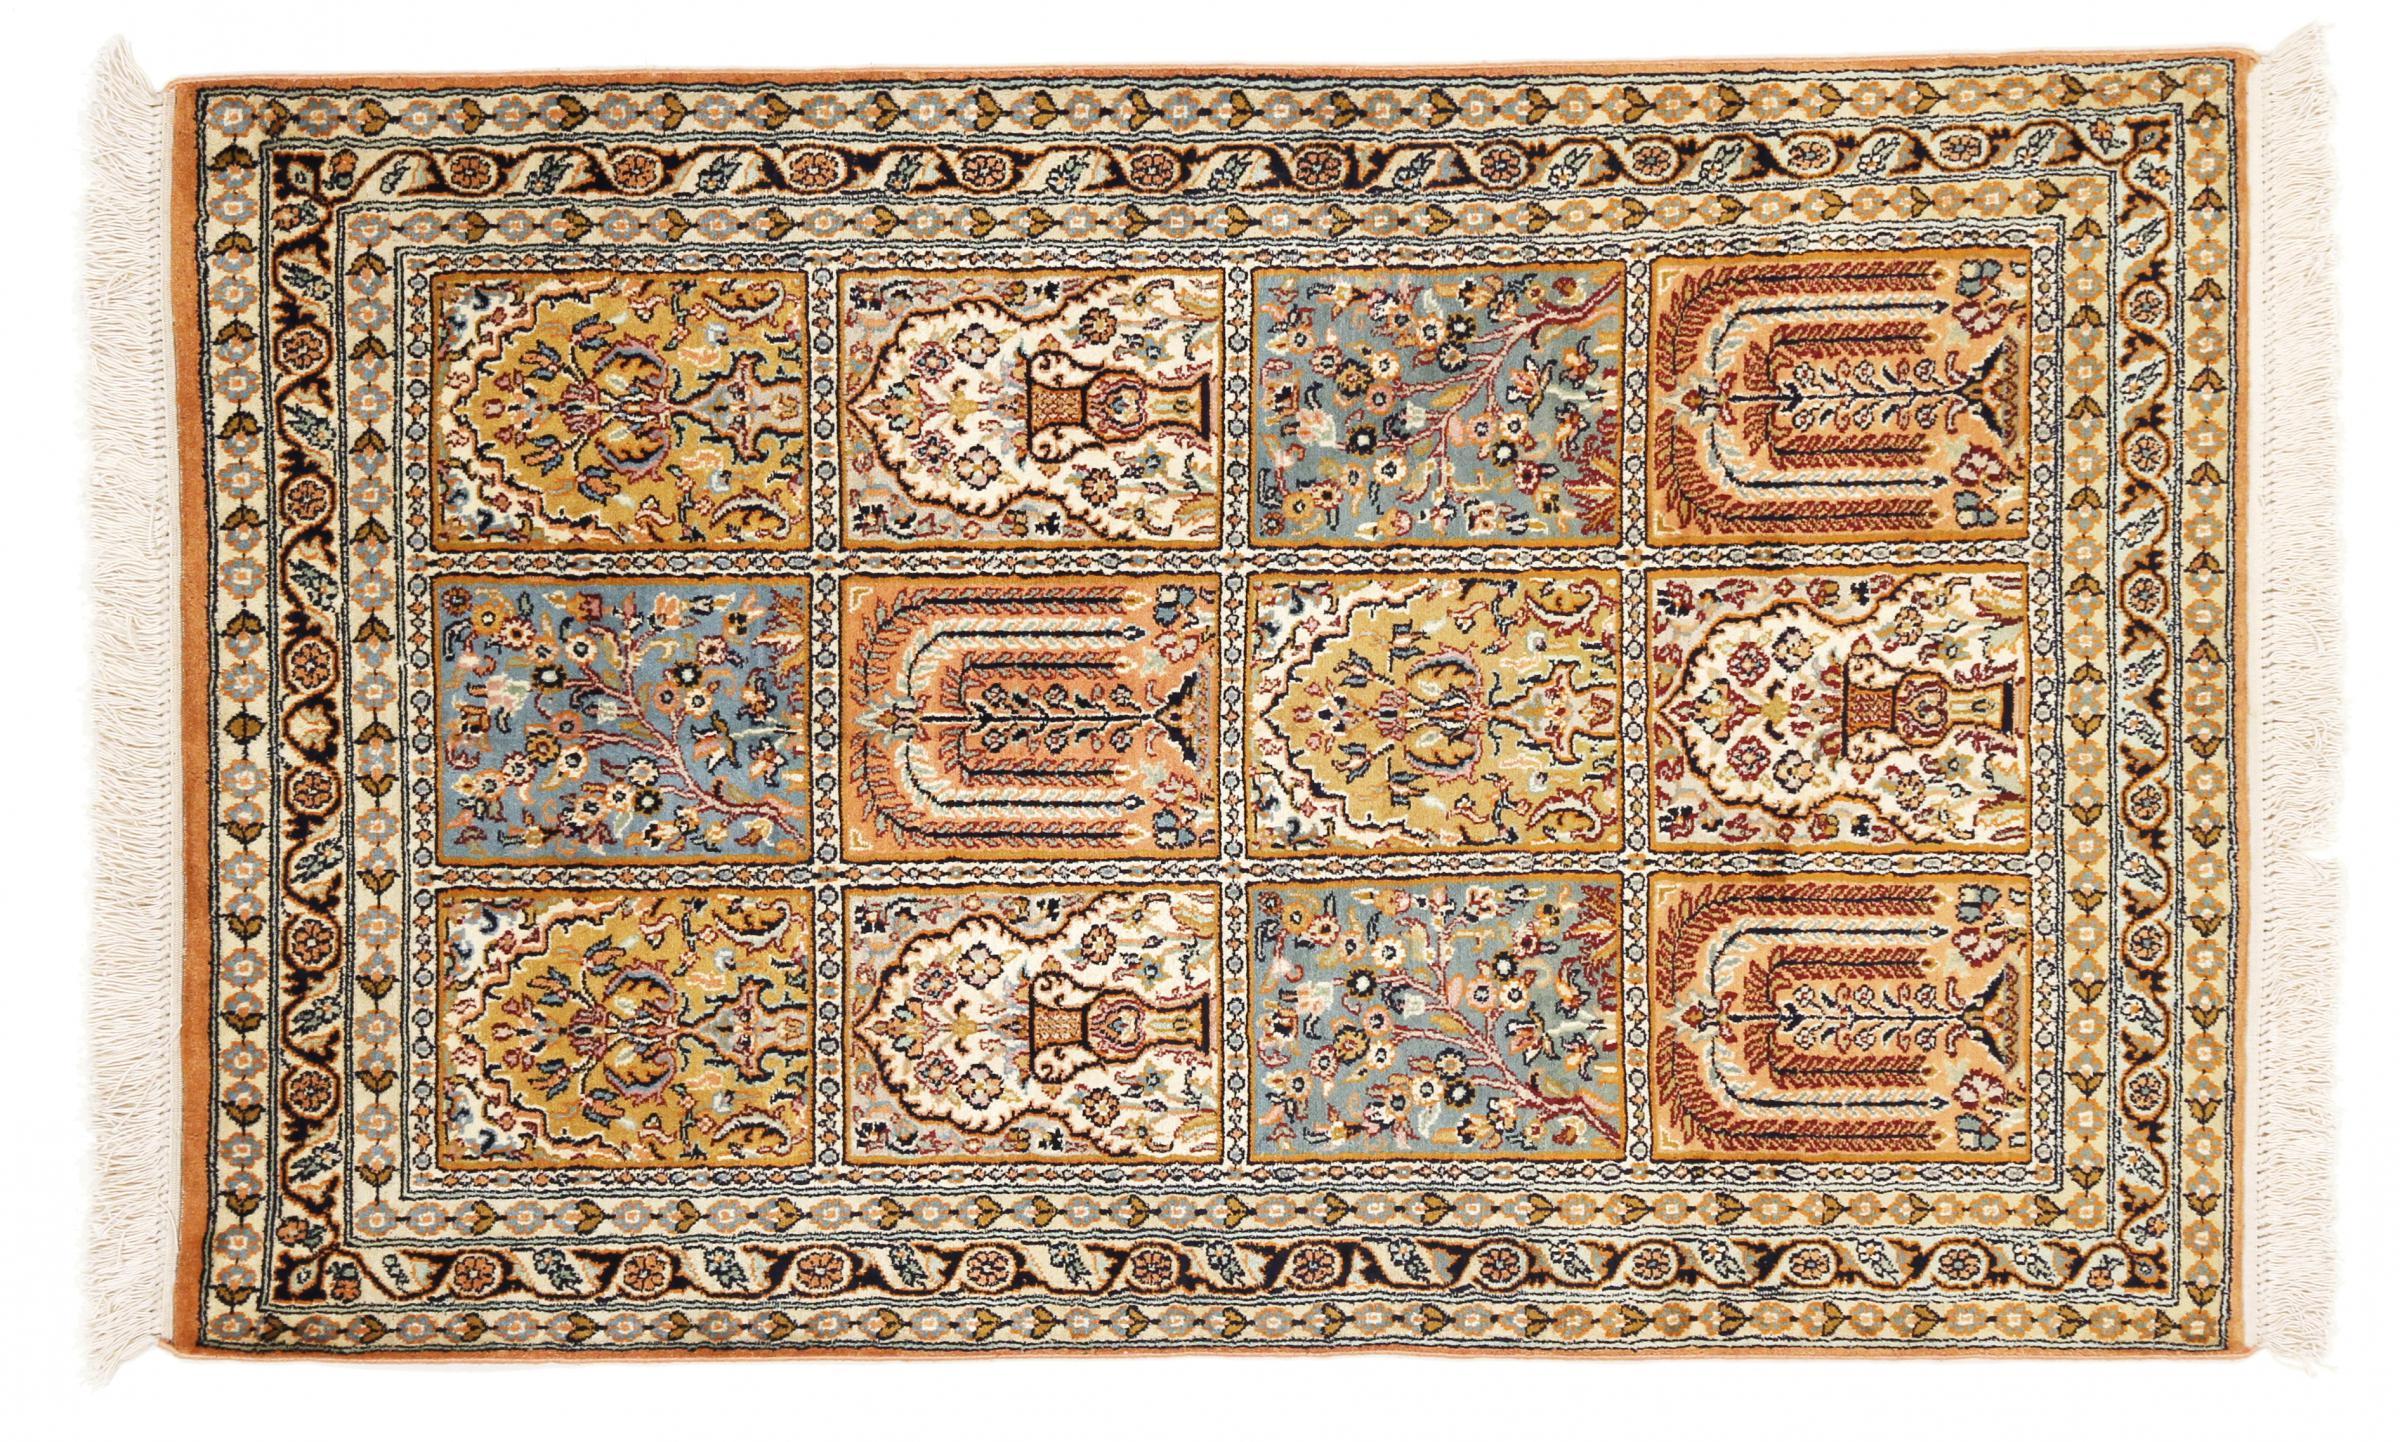 kaschmir reine seide indischer teppich 124x77 id35161. Black Bedroom Furniture Sets. Home Design Ideas